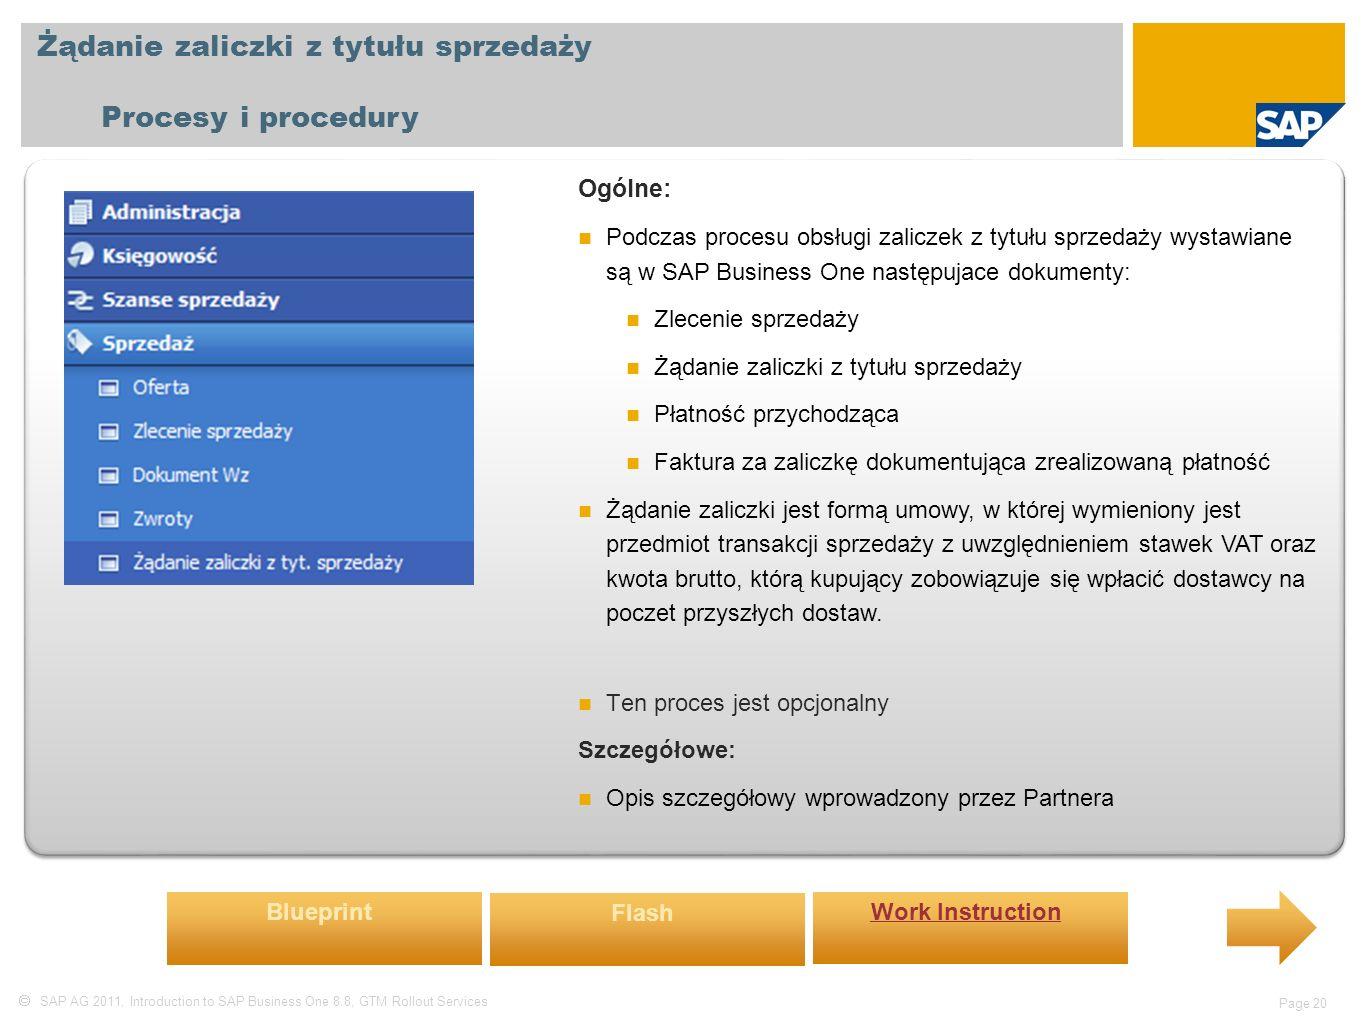  SAP AG 2011, Introduction to SAP Business One 8.8, GTM Rollout Services Page 20 Żądanie zaliczki z tytułu sprzedaży Procesy i procedury Ogólne: Podc